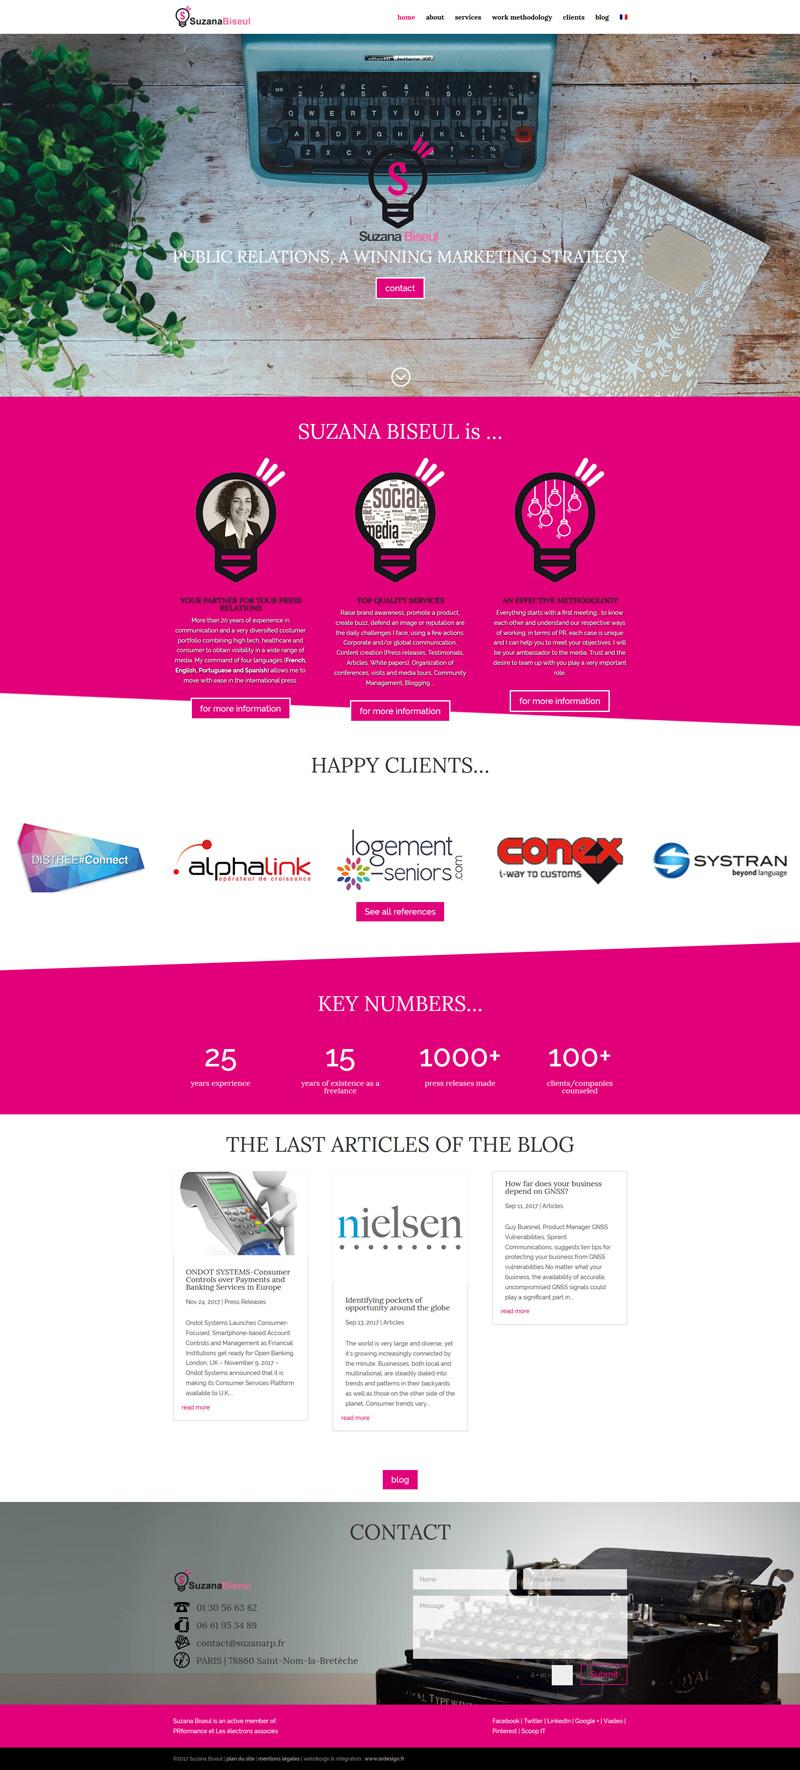 homepage du site internet de Suzana Biseul, chargée de relations presse RP - ordesign graphisme et webdesign